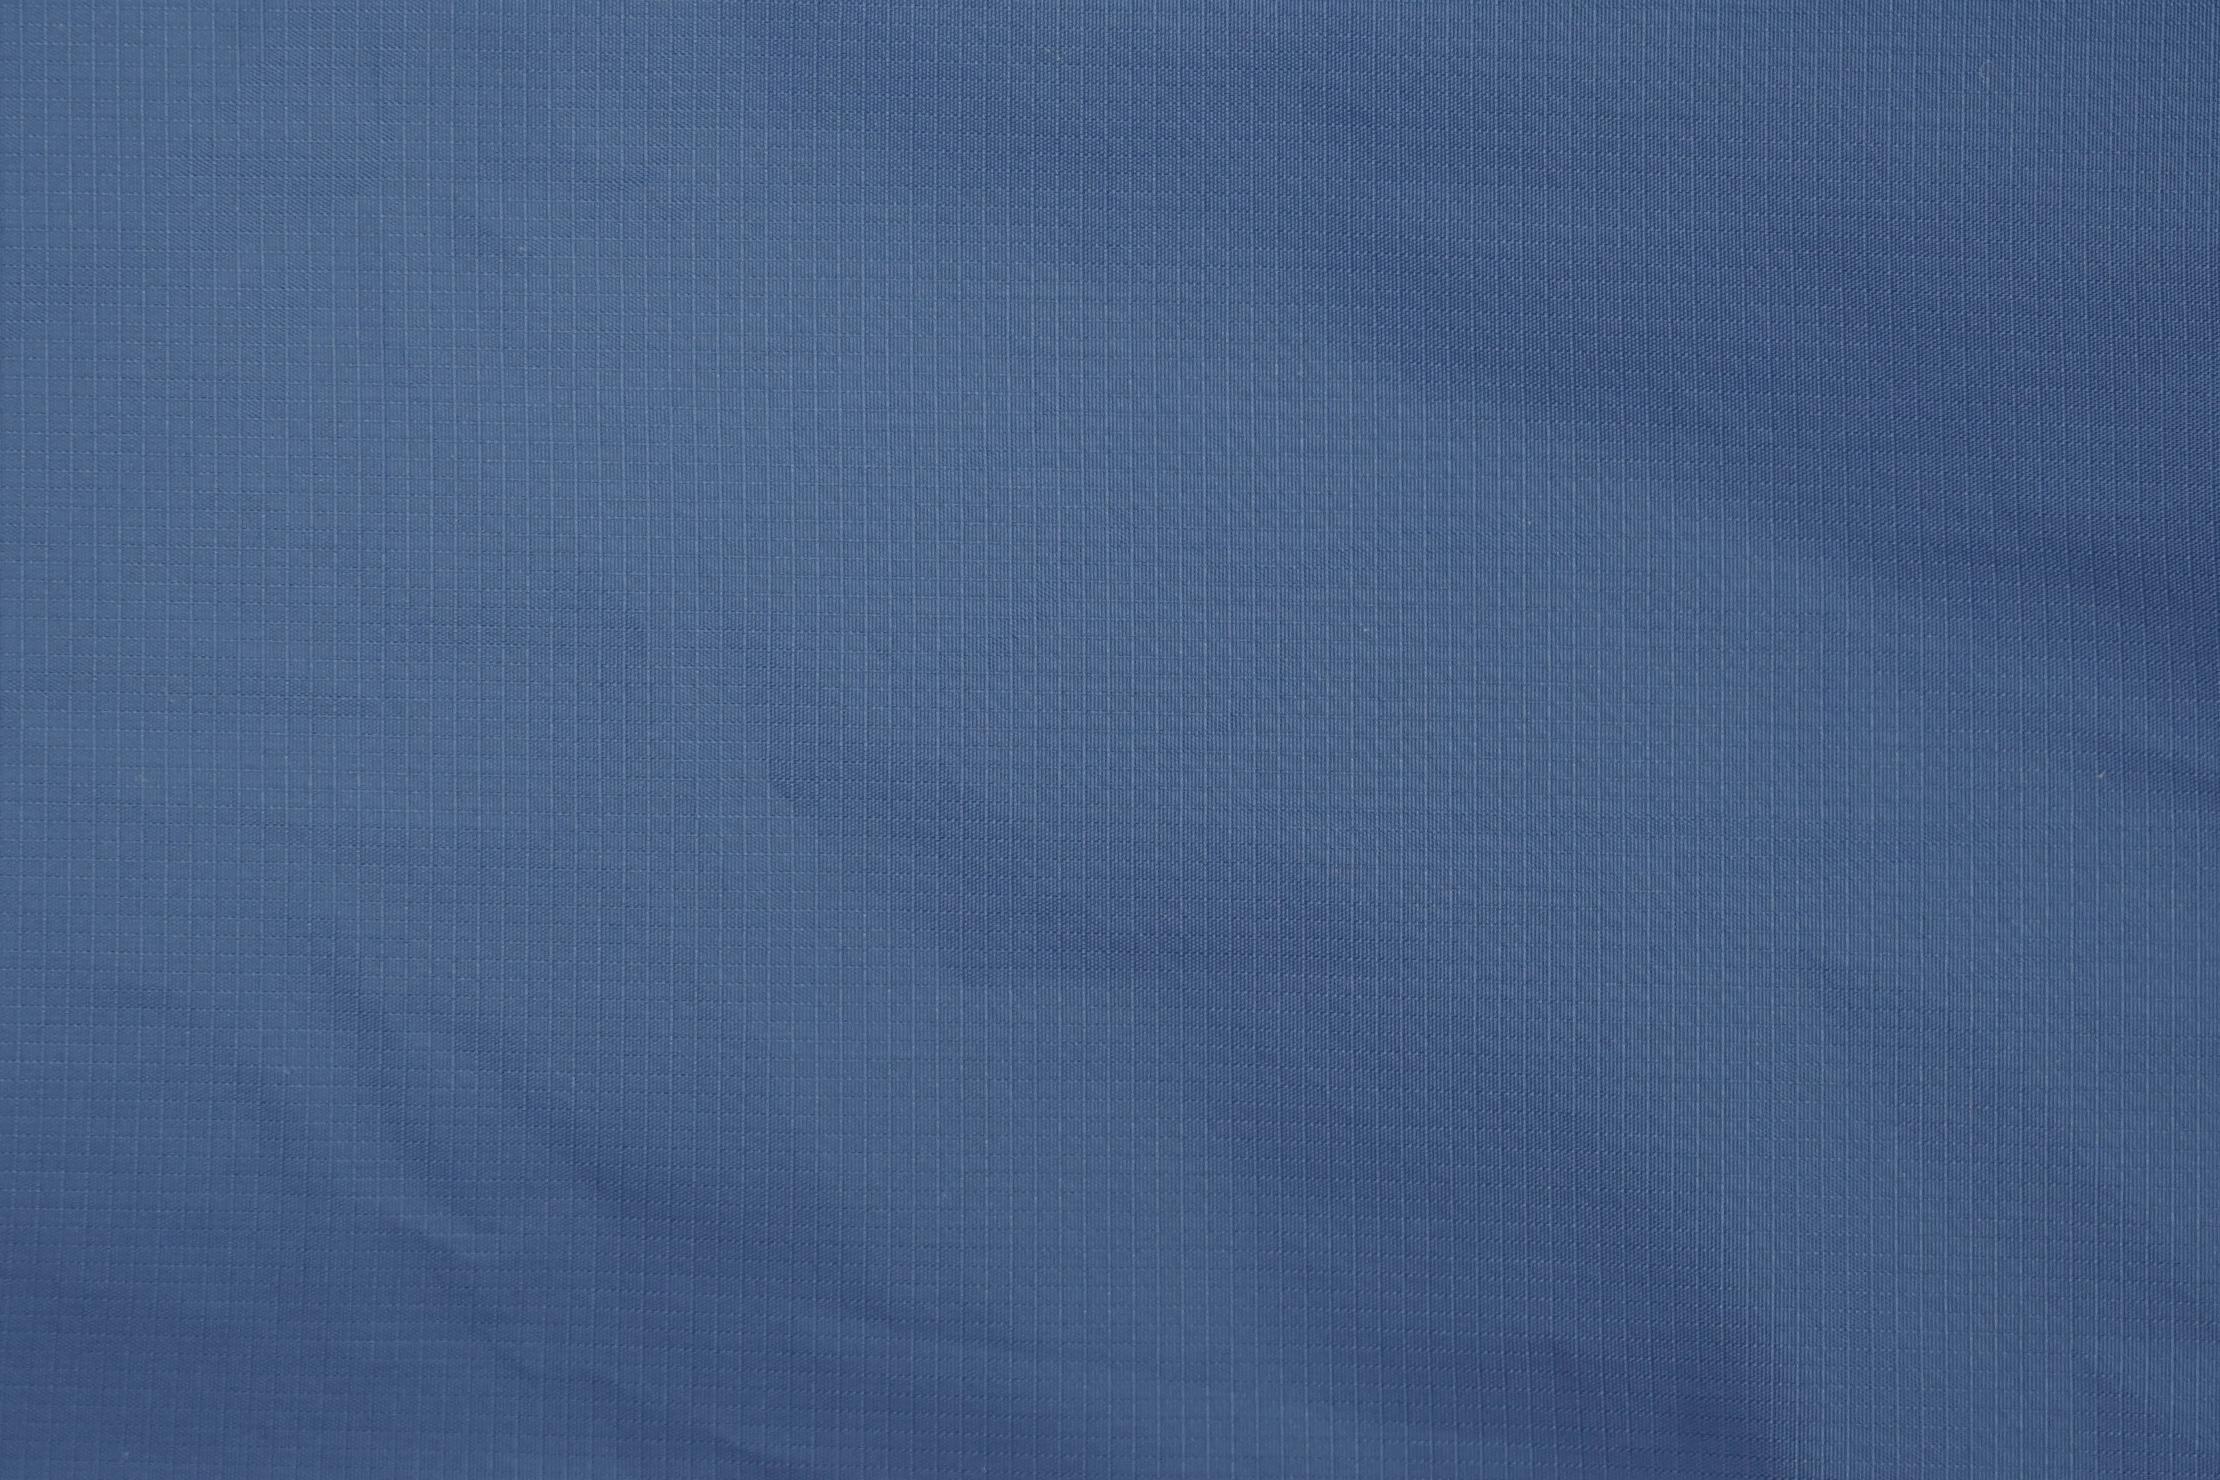 Helly Hansen Loke Jacket Materials